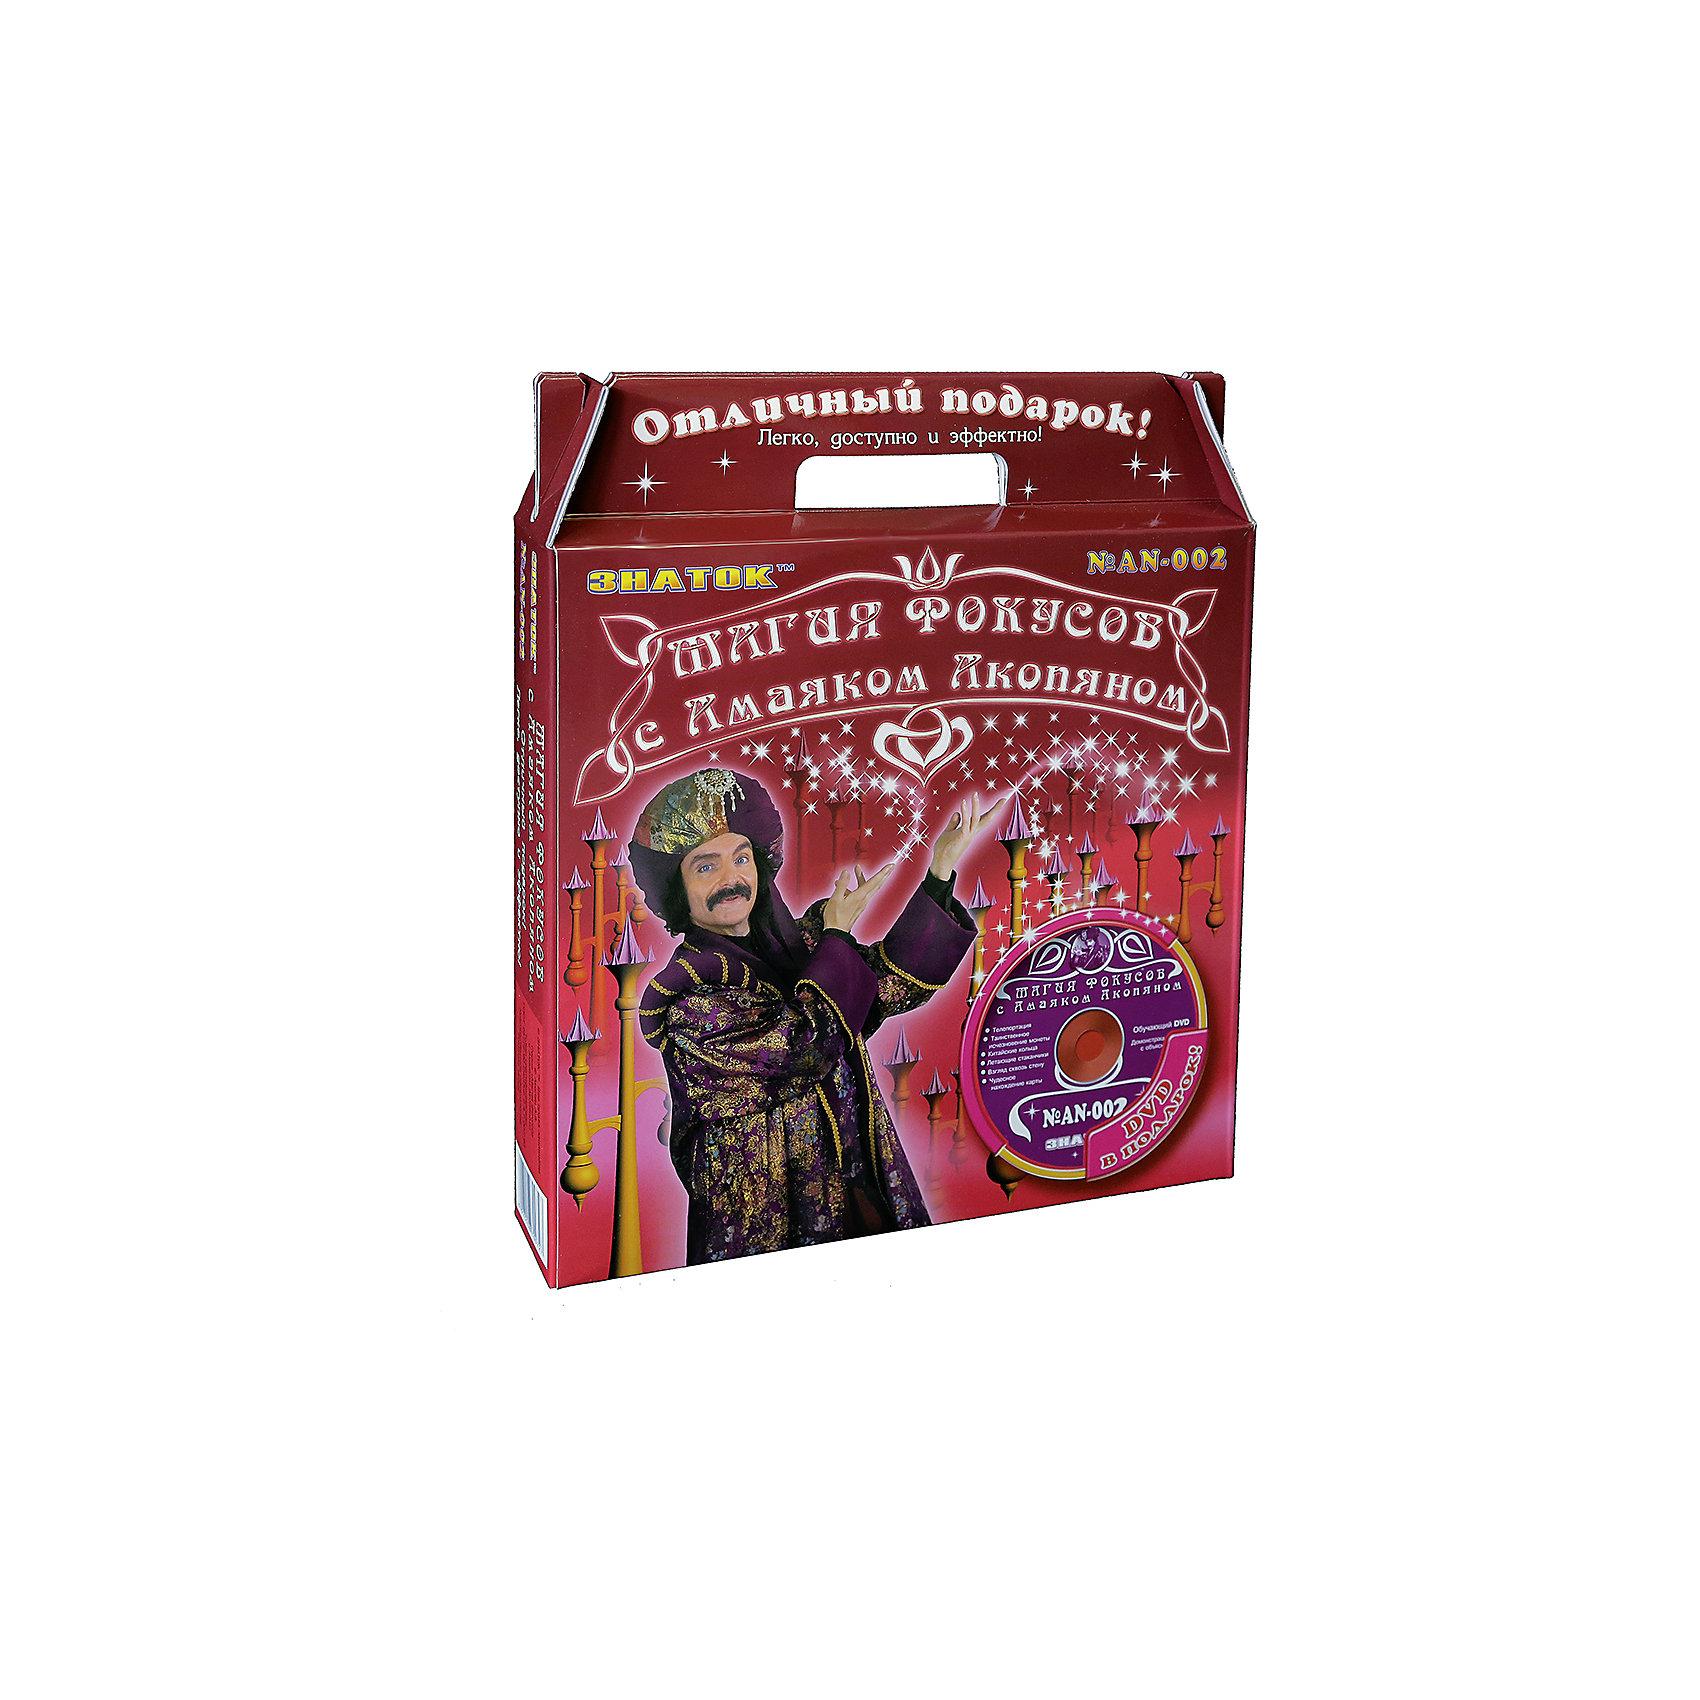 Красный набор Магия фокусов с Амаяком Акопяном с видеокурсомНаборы для фокусов<br>Красный набор Магия фокусов с Амаяком Акопяном с видеокурсом, Знаток<br><br>Характеристики:<br><br>• поможет ребенку стать настоящим фокусником<br>• содержит весь необходимый реквизит<br>• в комплекте: реквизит для 6 фокусов, DVD, инструкция<br>• 6 фокусов: Телепортация, Таинственное исчезновение монеты, Китайские кольца, Летающие стаканчики, Взгляд сквозь стену, Чудесное нахождение карты<br>• размер упаковки: 33х5х38 см<br>• вес: 700 грамм<br>• видеокурс: 40-45 минут<br>• материал: пластик, бумага<br><br>Набор Магия фокусов с Амаяком Акопяном позволит ребенку почувствовать себя настоящим иллюзионистом. В набор входит подробная инструкция, DVD диск и весь необходимый реквизит. Ребенок научится находить загаданную зрителем карту, перемещать монетку с помощью телепортации, заставит стаканчики летать и многое другое. Эта игра поможет ребенку раскрыть талант артиста и погрузиться в атмосферу тайн магии.<br><br>Красный набор Магия фокусов с Амаяком Акопяном с видеокурсом, Знаток вы можете купить в нашем интернет-магазине.<br><br>Ширина мм: 31<br>Глубина мм: 5<br>Высота мм: 33<br>Вес г: 700<br>Возраст от месяцев: 60<br>Возраст до месяцев: 1188<br>Пол: Унисекс<br>Возраст: Детский<br>SKU: 2403137